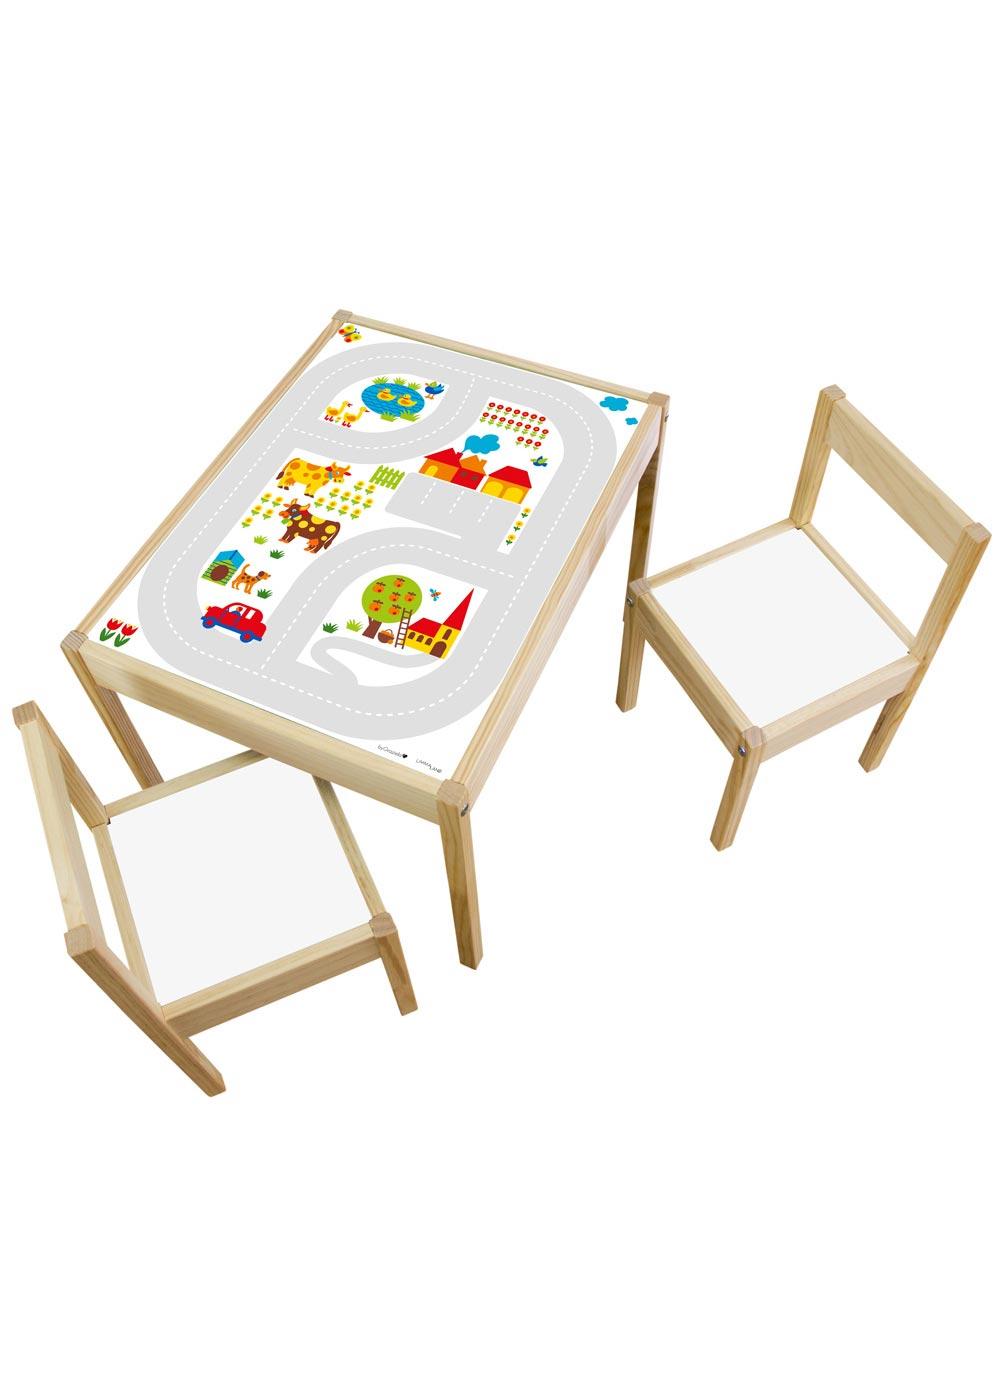 Ikea Lätt Kindertisch ByGraziela Bauernhof Gesamtansicht